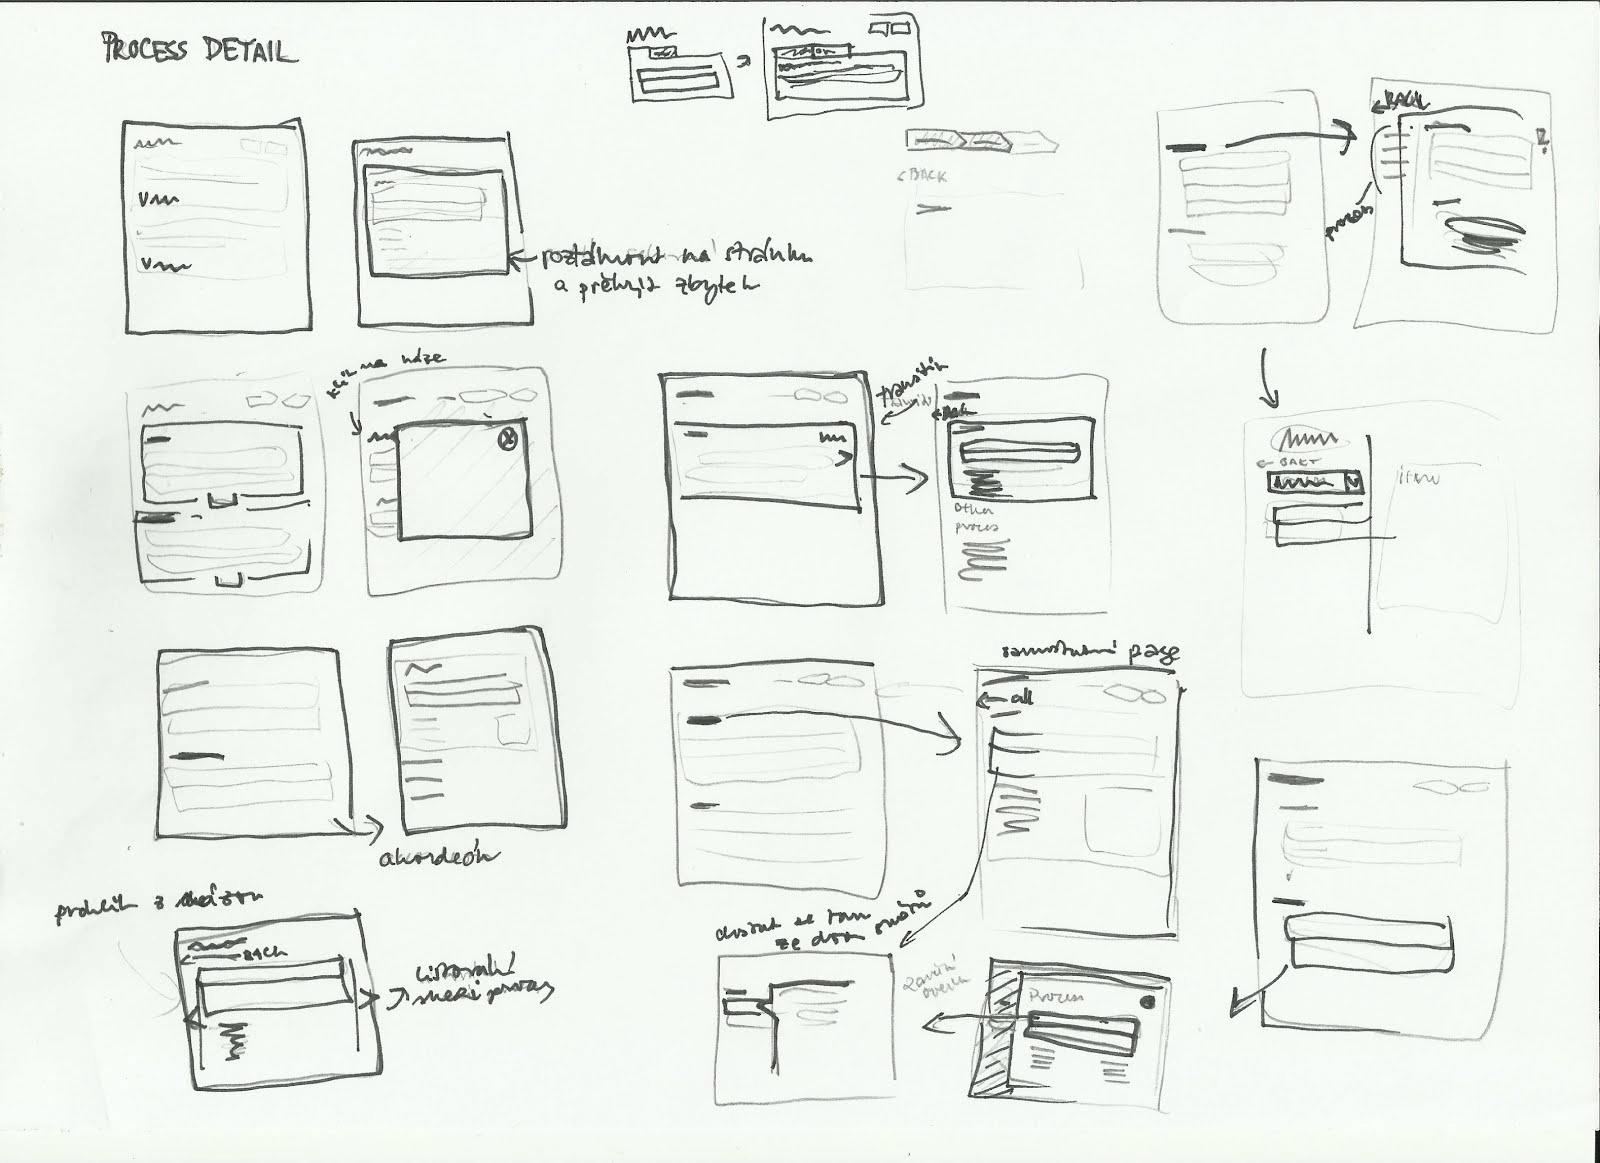 Generování nápadů na koncepci, fungování avizualizaci detailu projektu.